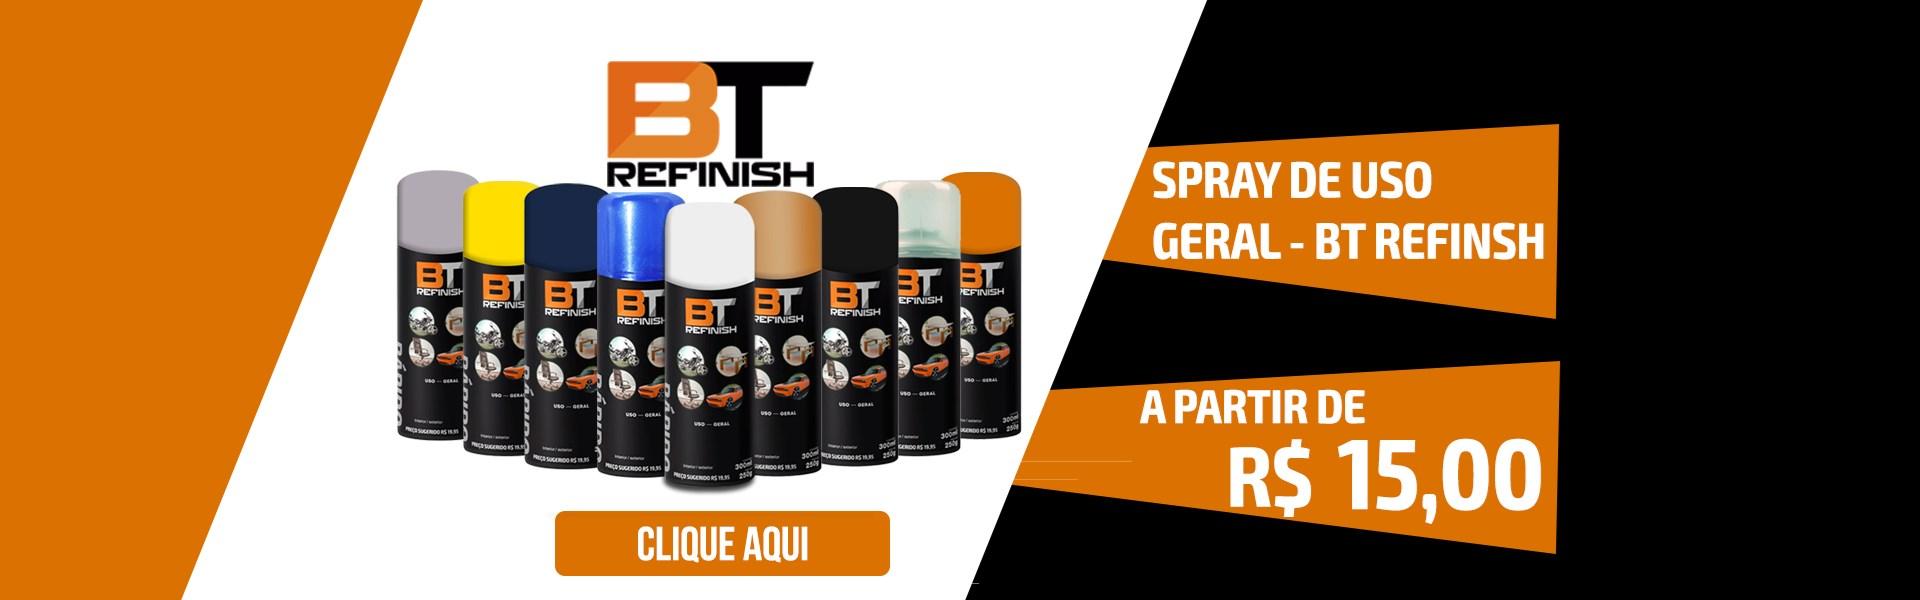 Sprays BT